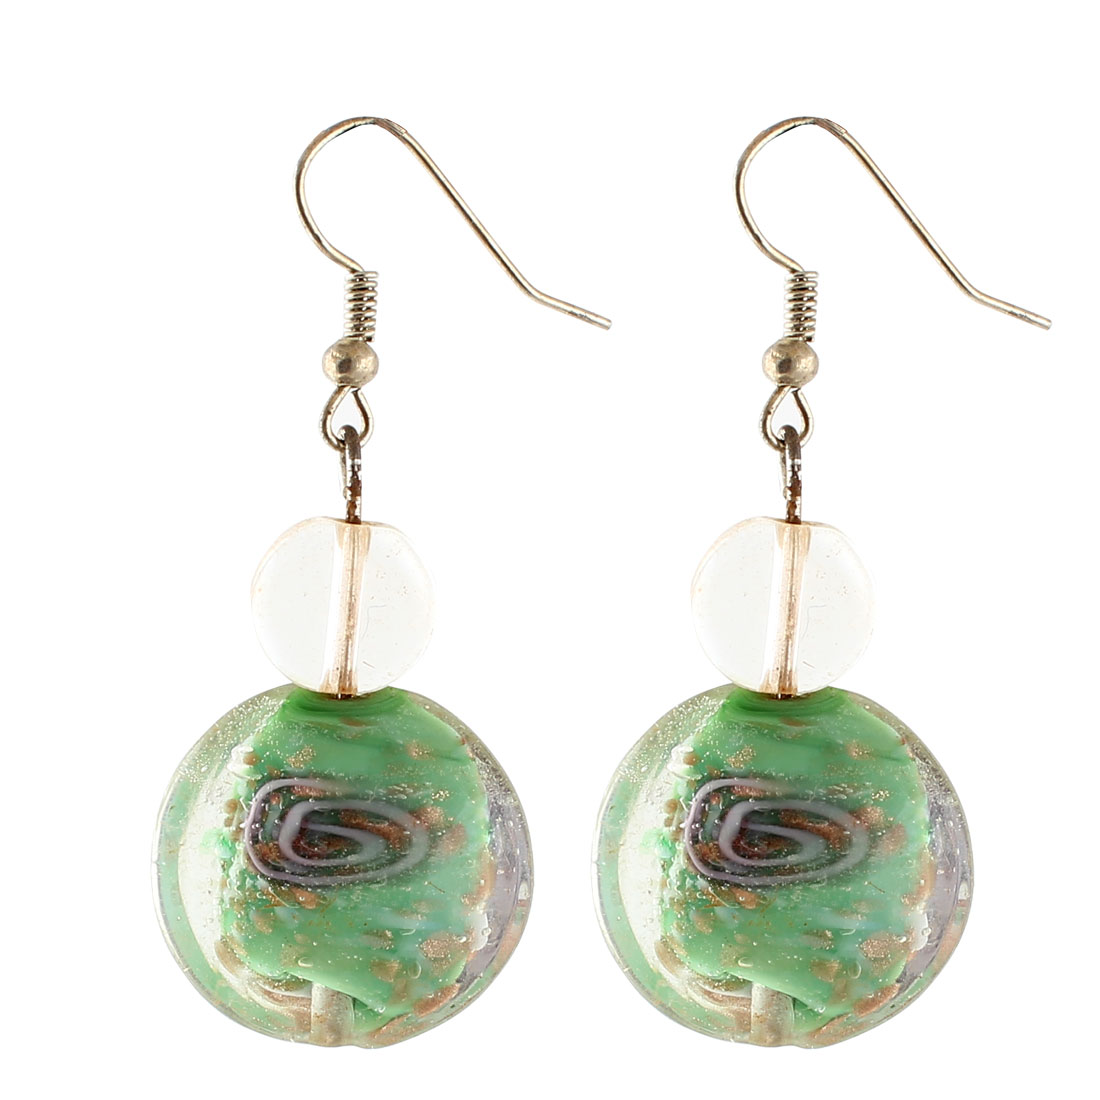 Ladies Plastic Inner Flower Design Round Bead Pendant Hook Earrings Green Pair